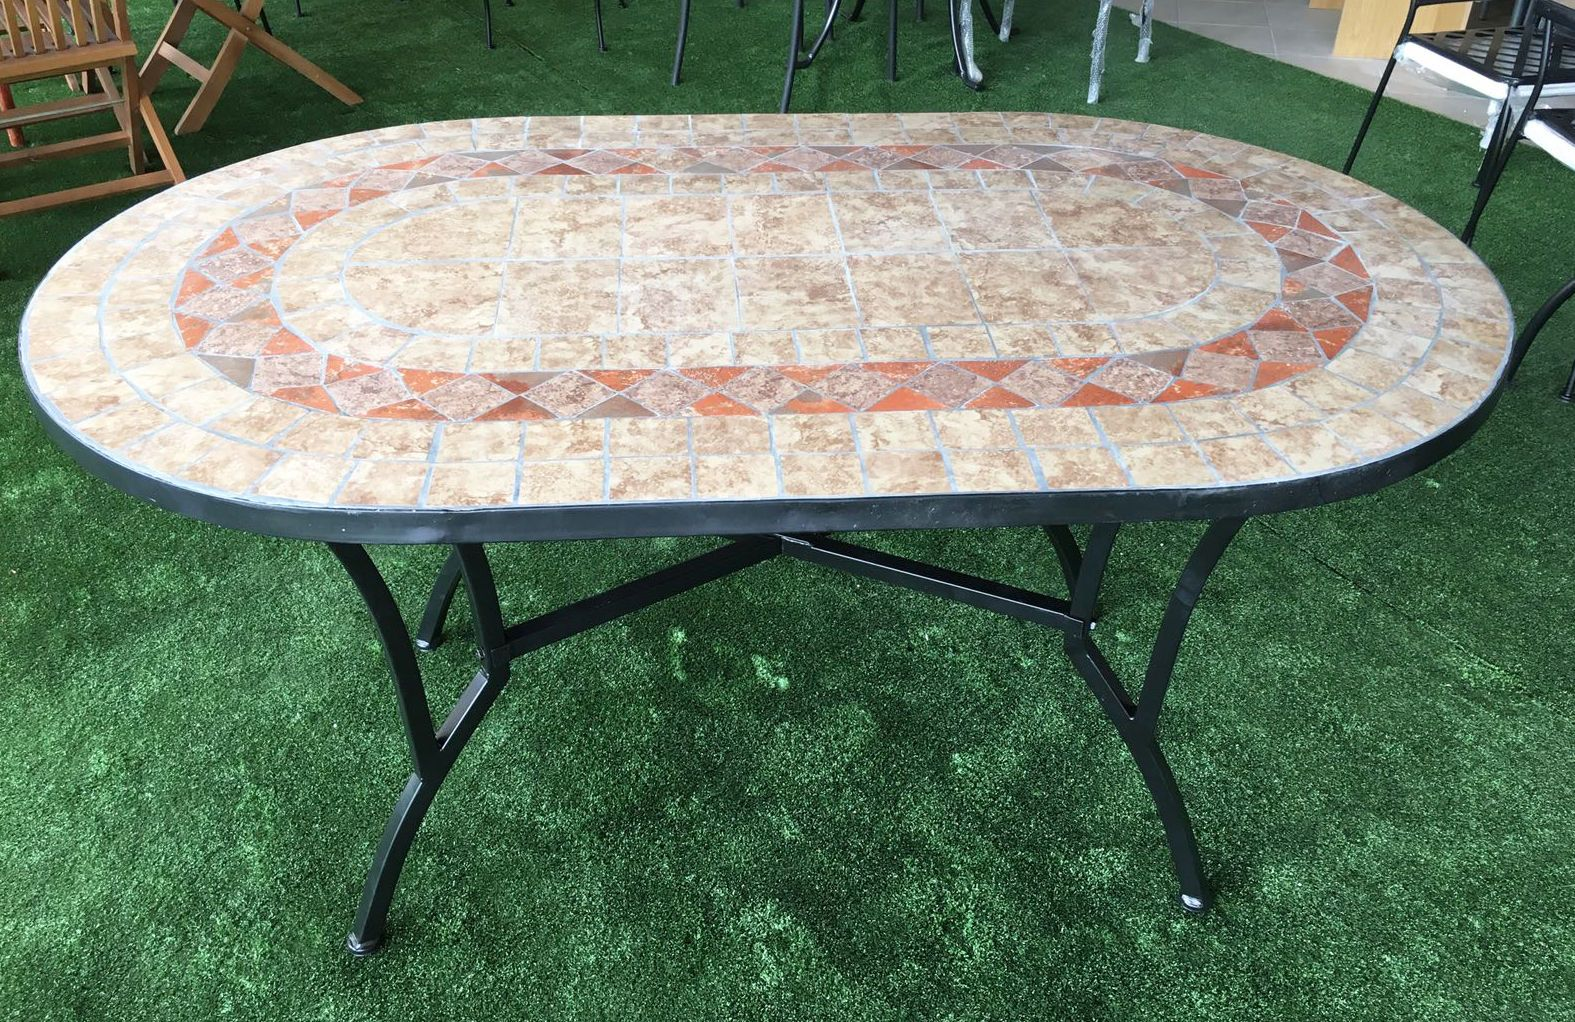 Tavolo In Ferro Battuto E Ceramica.Tavolo Da Giardino Ovale Con Mosaico In Ferro Battuto Cm